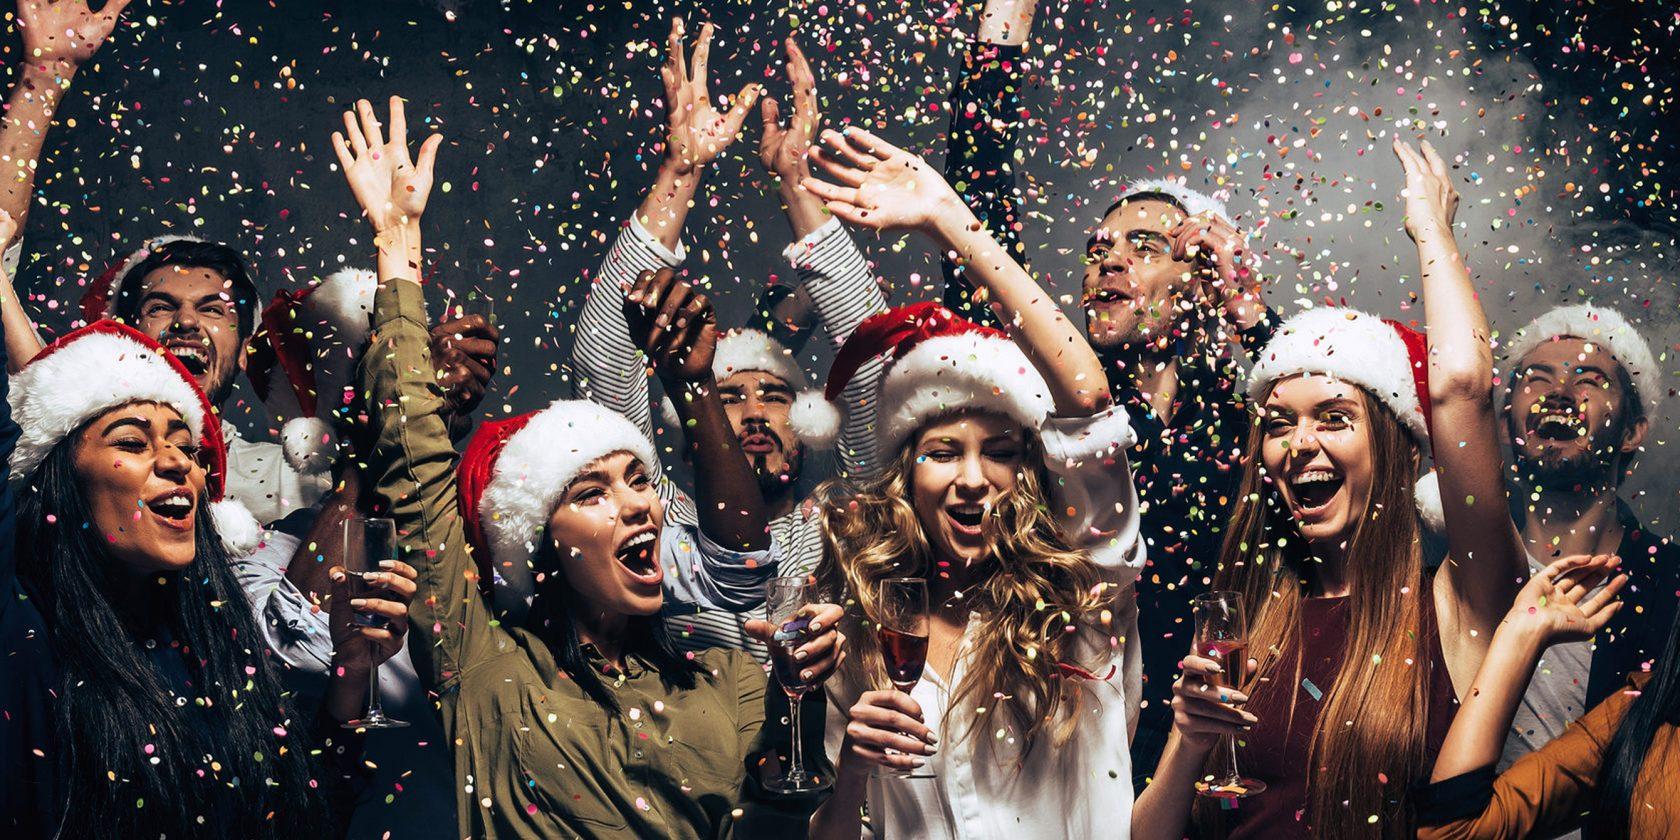 xmas party - vianočný večierok - firemná párty - koncoročná párty - hotel tenis - city resort - zvolen